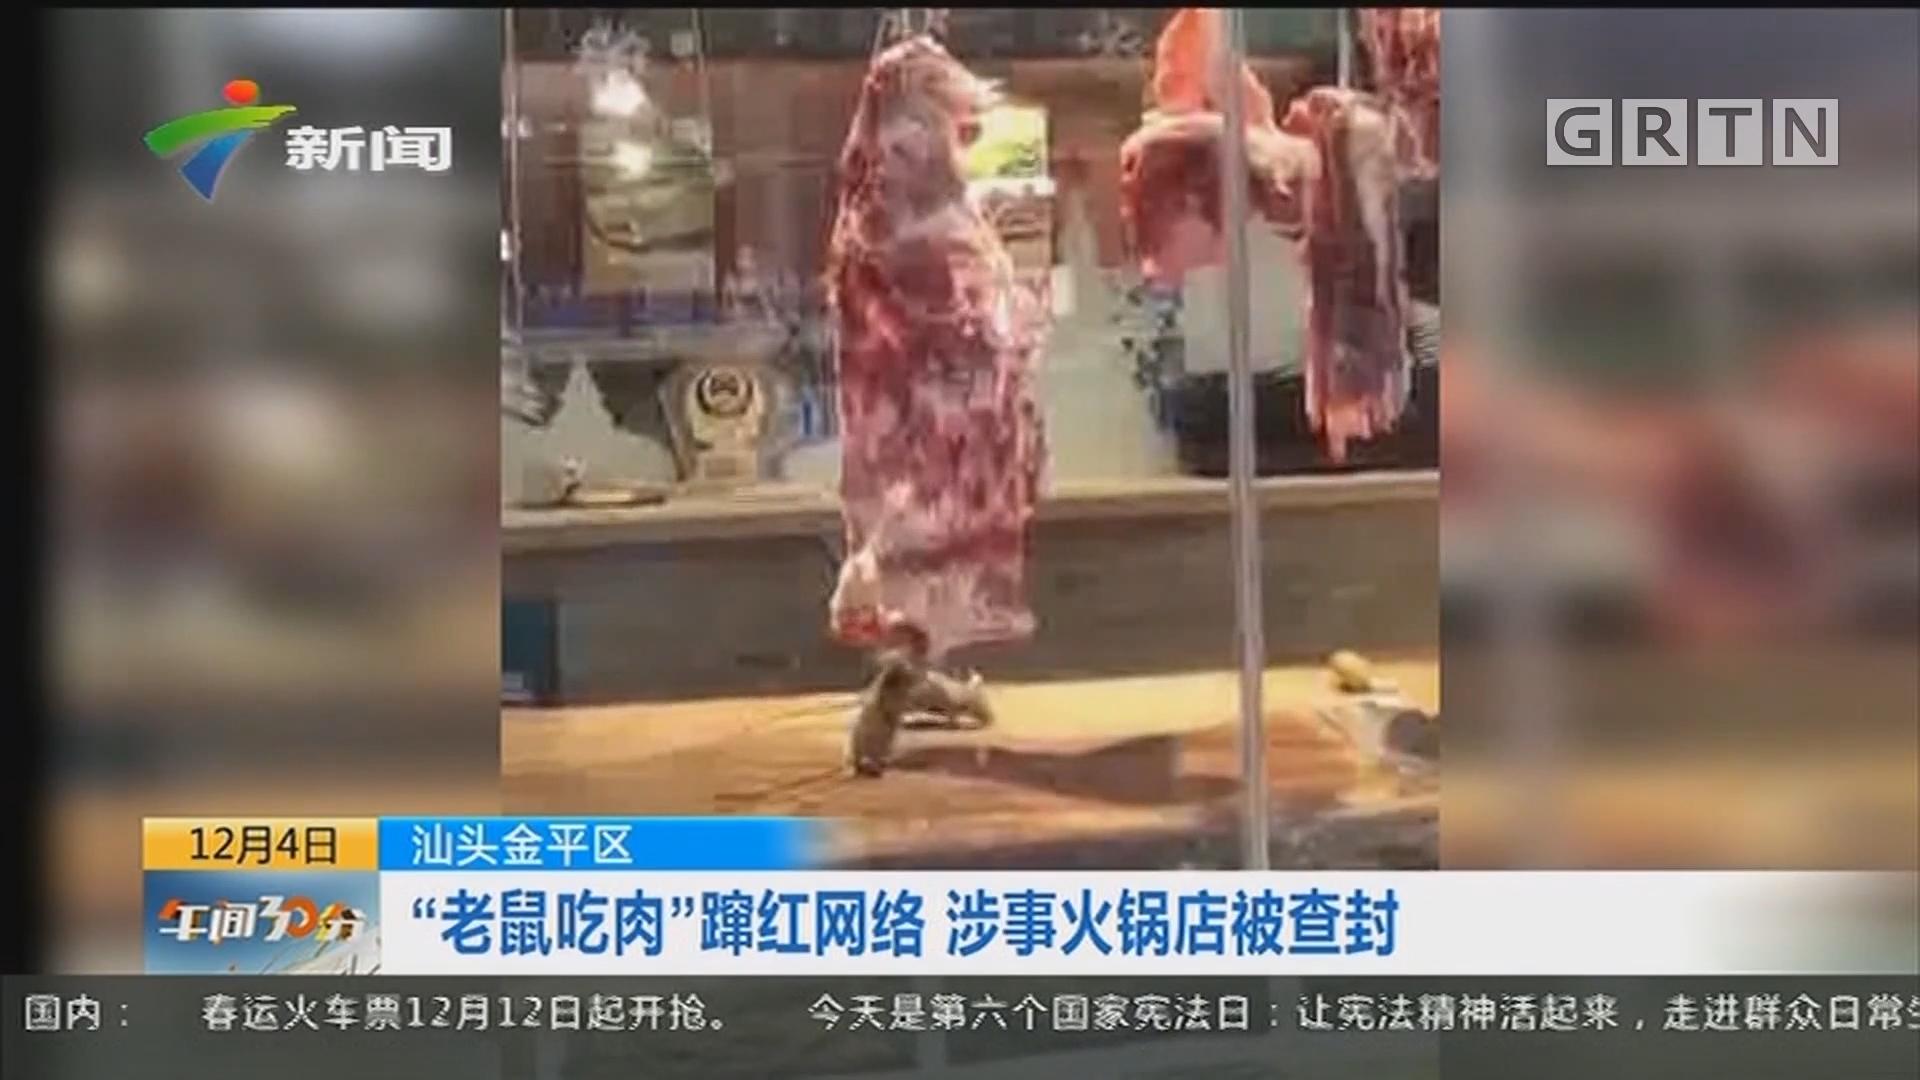 """汕头金平区:""""老鼠吃肉""""蹿红网络 涉事火锅店被查封"""